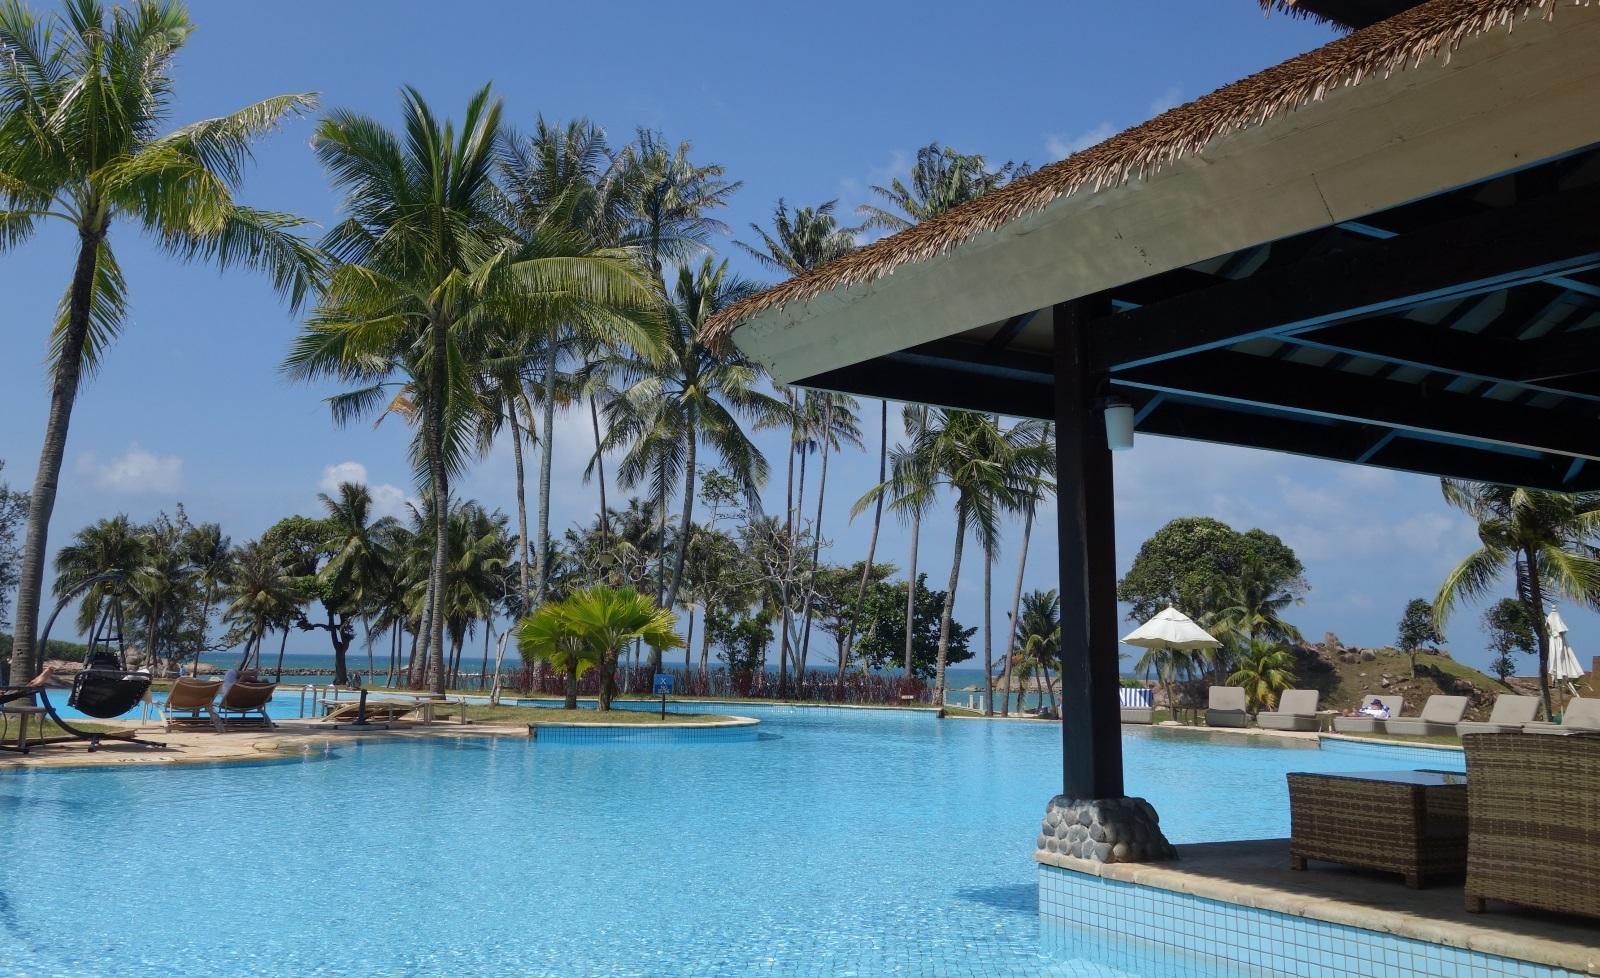 ビンタン・ラグーン・リゾートホテルのプール